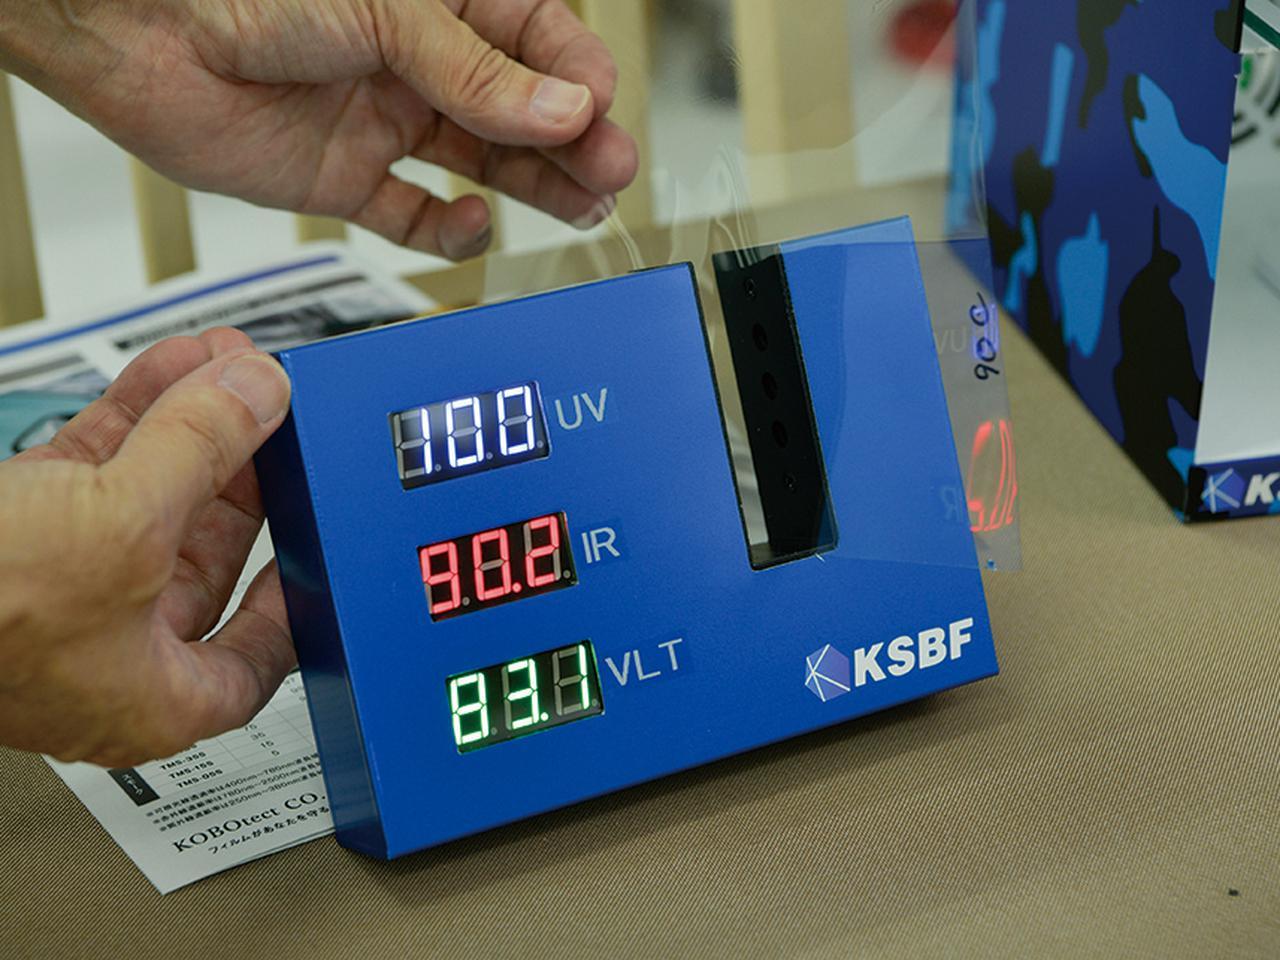 画像: スリット部にフィルムを差し込むと、上から紫外線遮蔽率、赤外線遮蔽率、可視光線透過率を表示する装置。